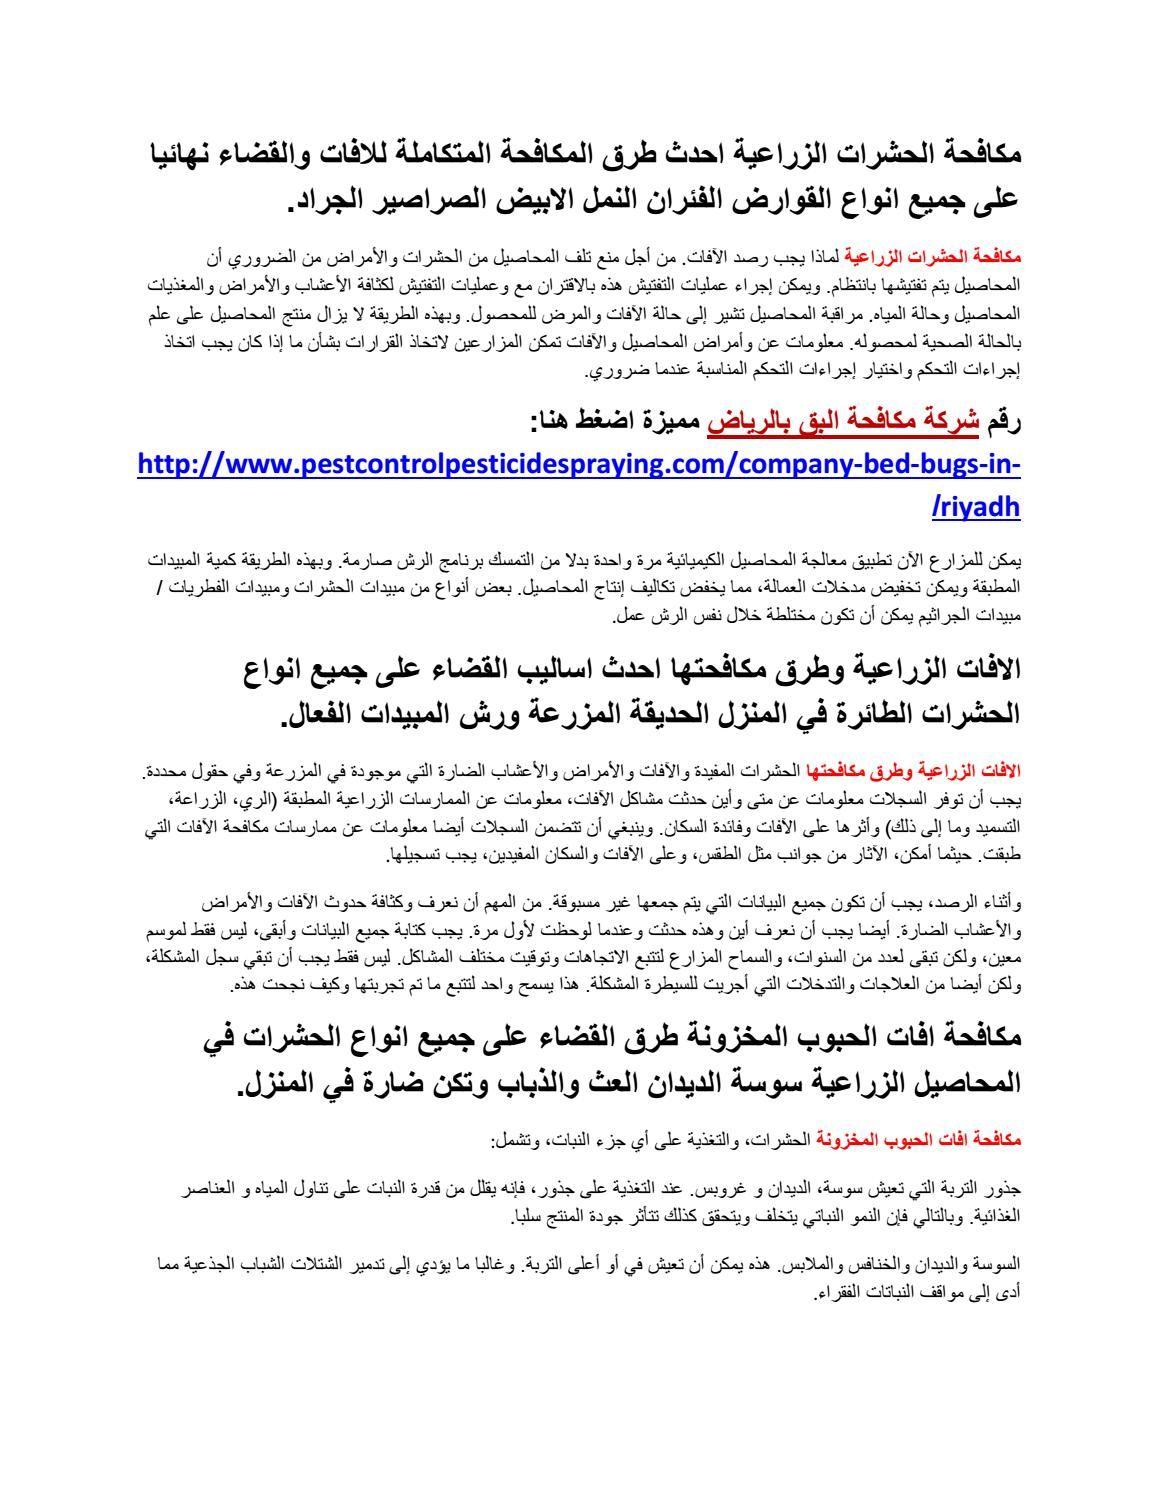 مكافحة الافات الزراعية Pdf تحميل كتاب التوصيات المعتمدة لمكافحة الحشرات المنزلية رش المبيدات للمنازل Scientific Poster Cleaning Services Company Cleaning Service